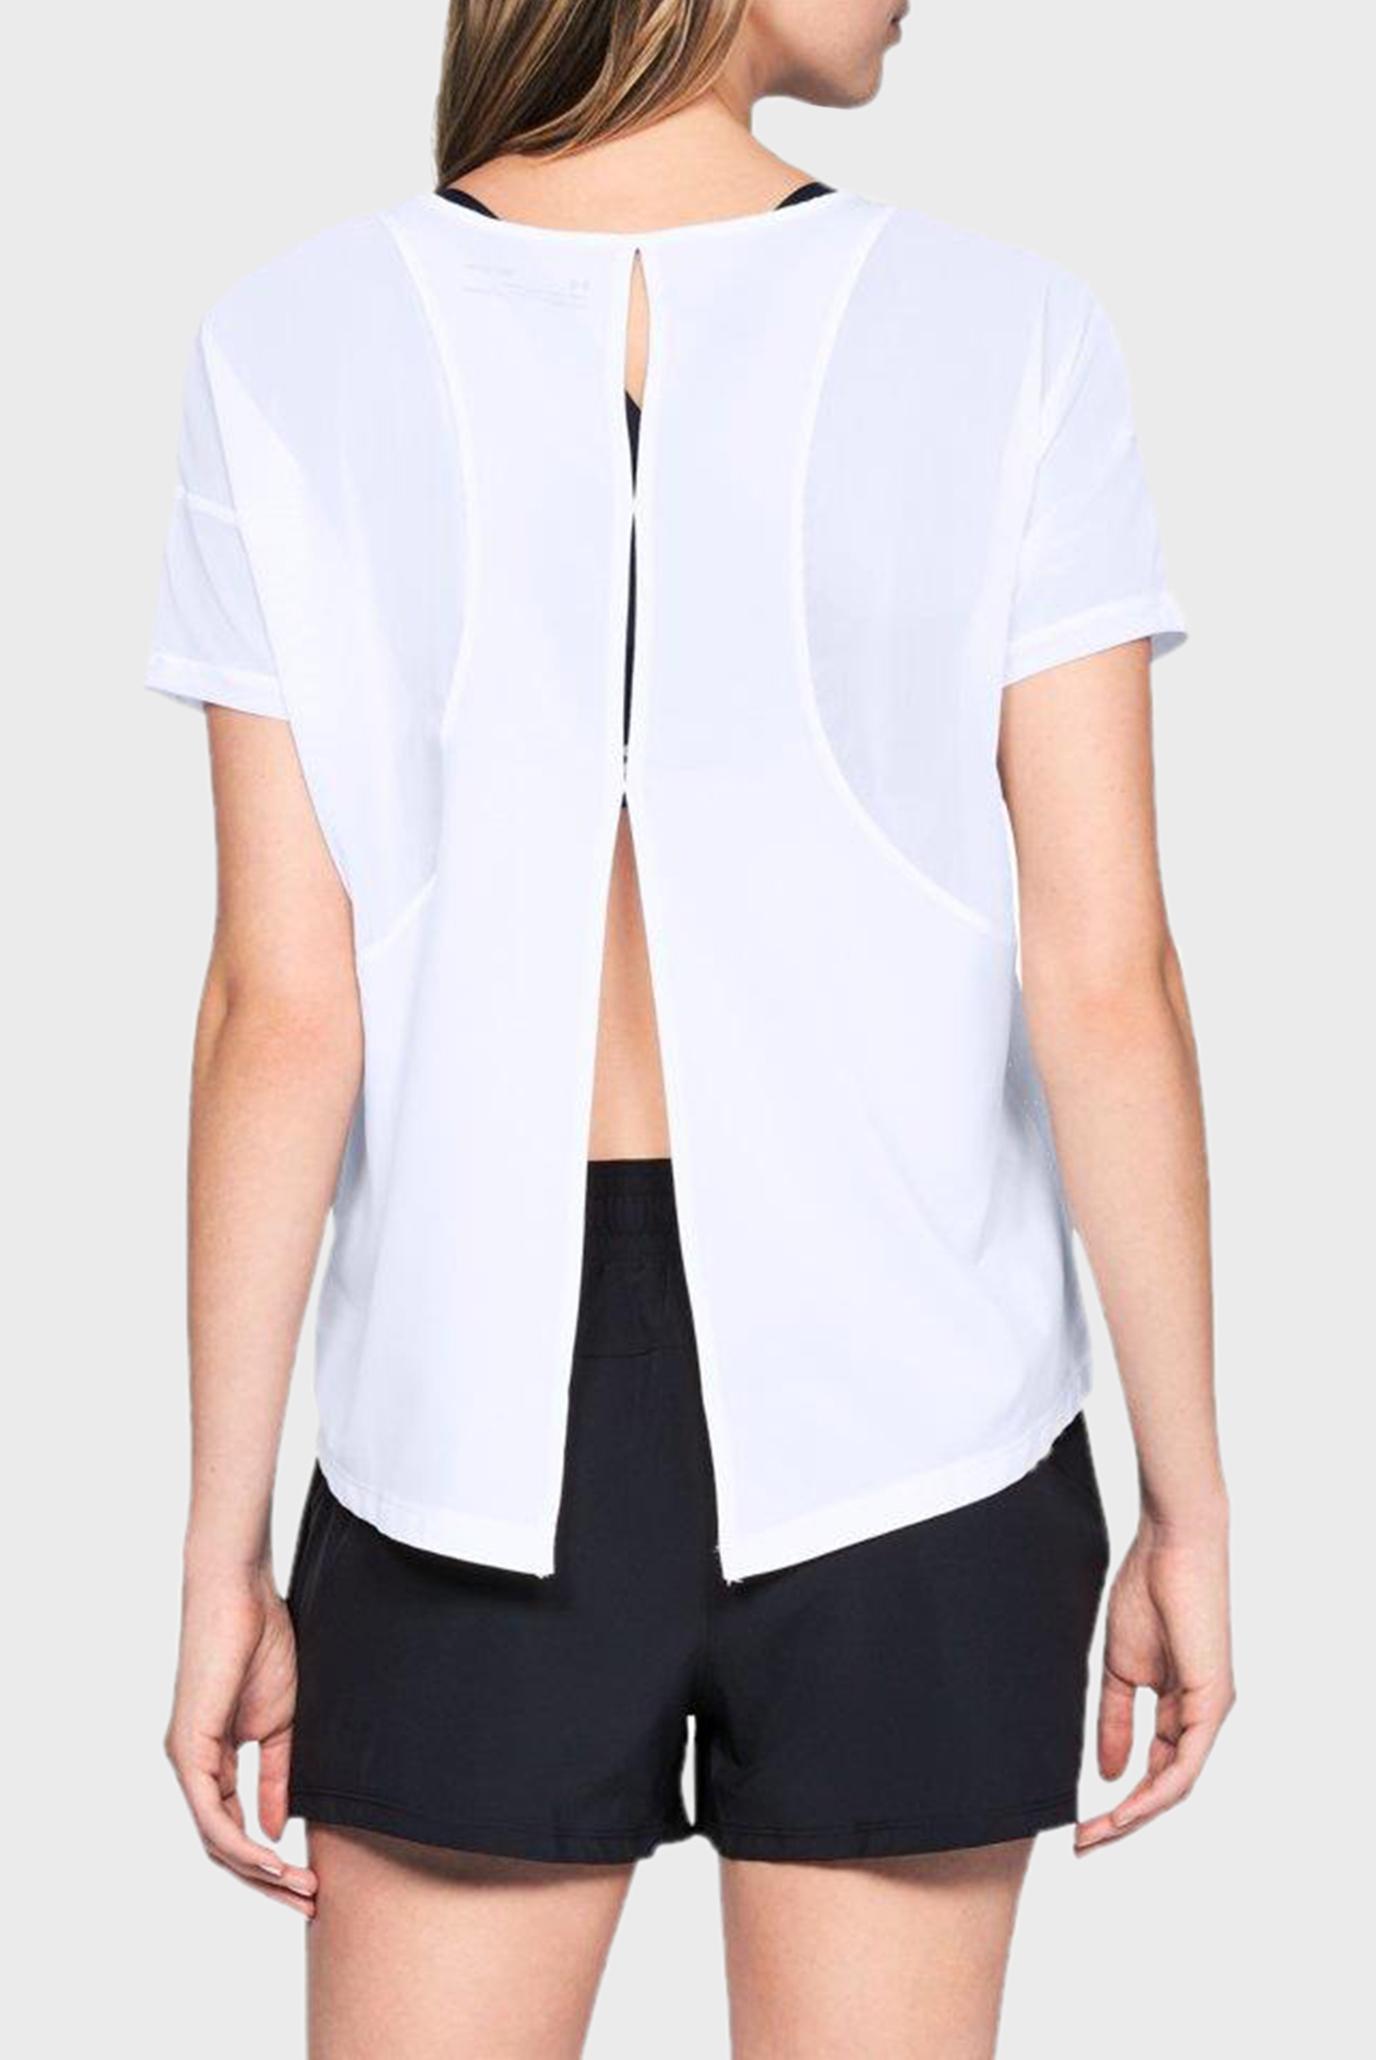 Купить Женская белая футболка Perpetual Woven Short Sleeve Under Armour Under Armour 1318055-100 – Киев, Украина. Цены в интернет магазине MD Fashion